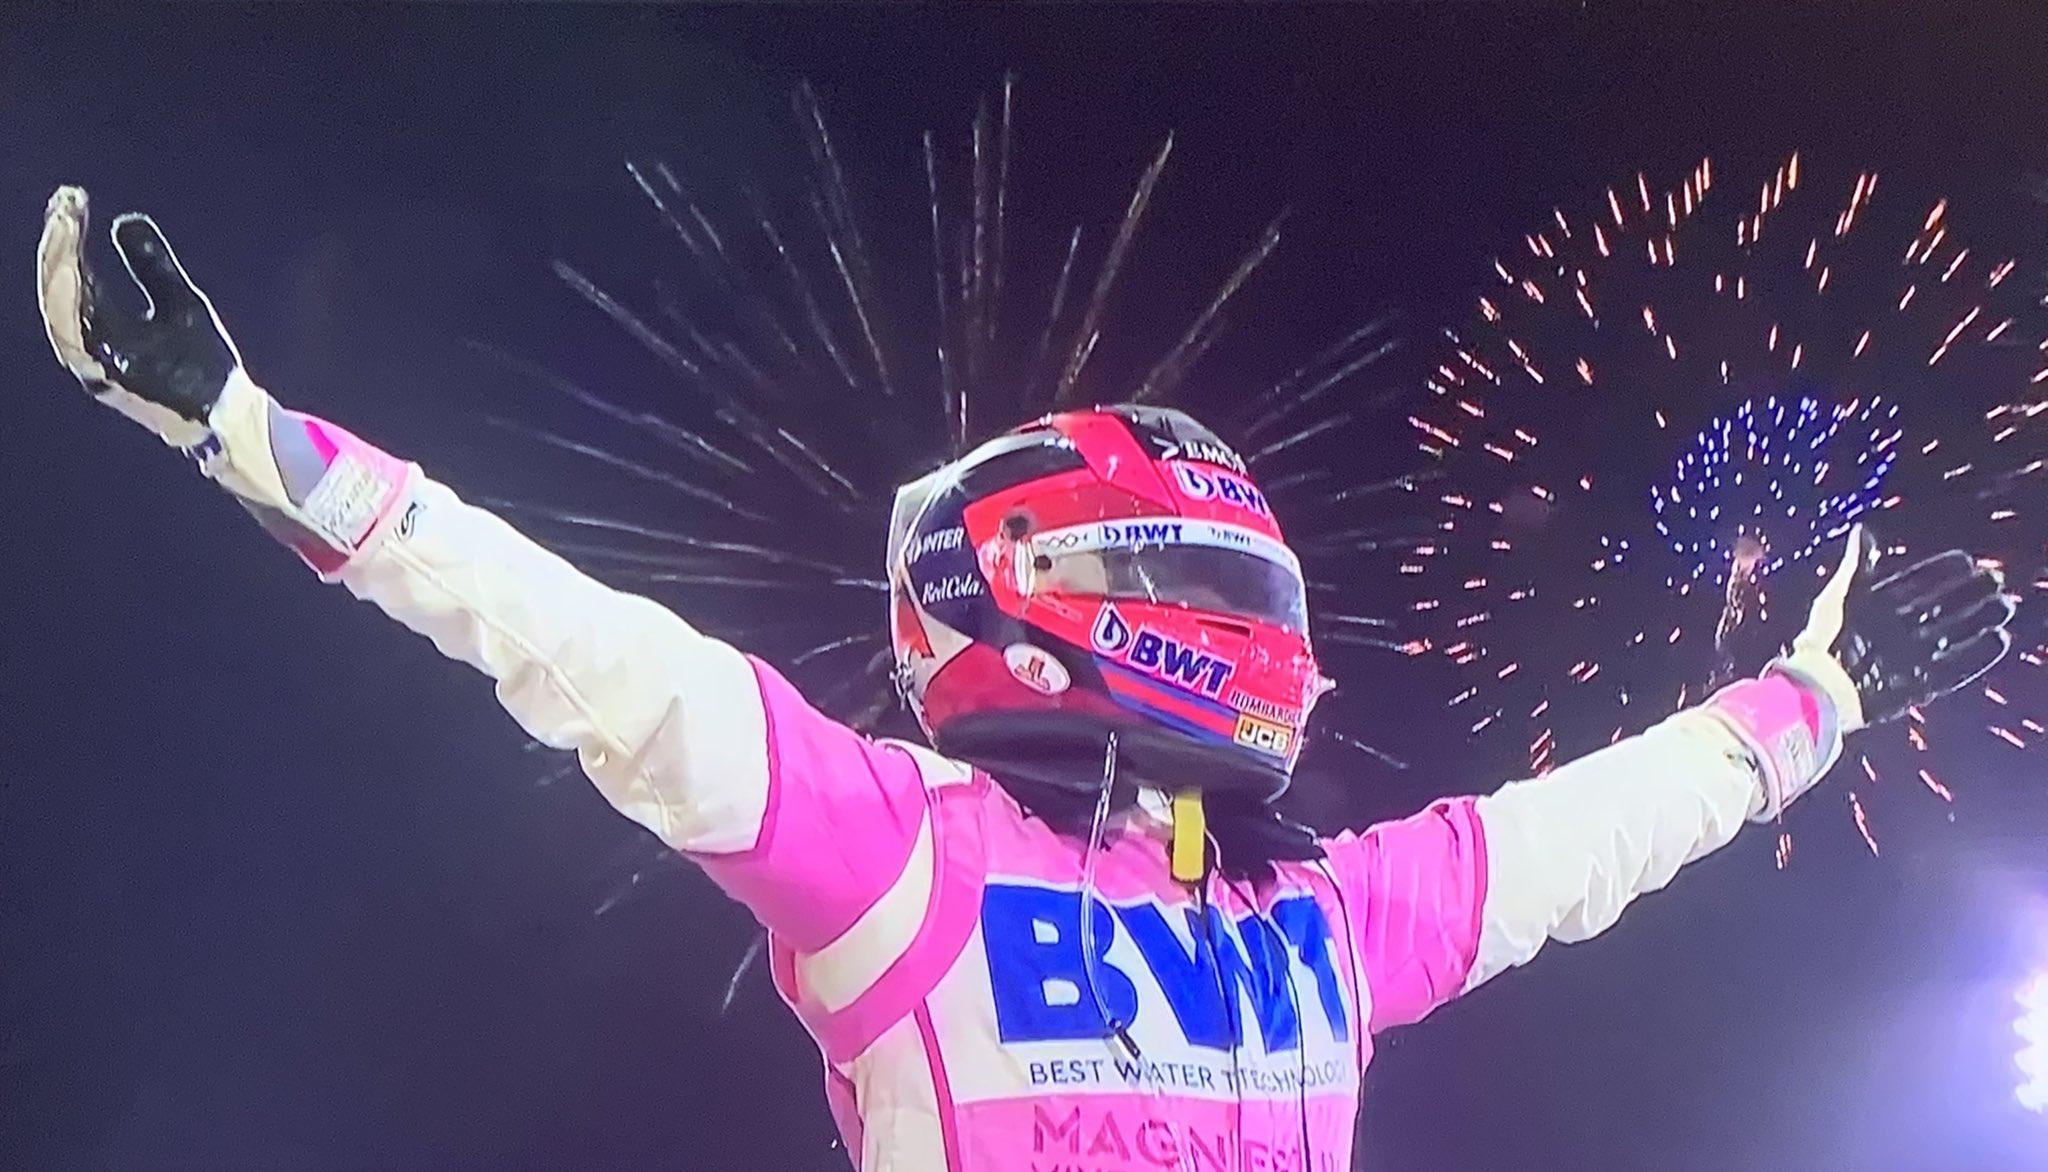 Перес выиграл Гран-при Бахрейна, Расселл почти победил в первой гонке в карьере - фото